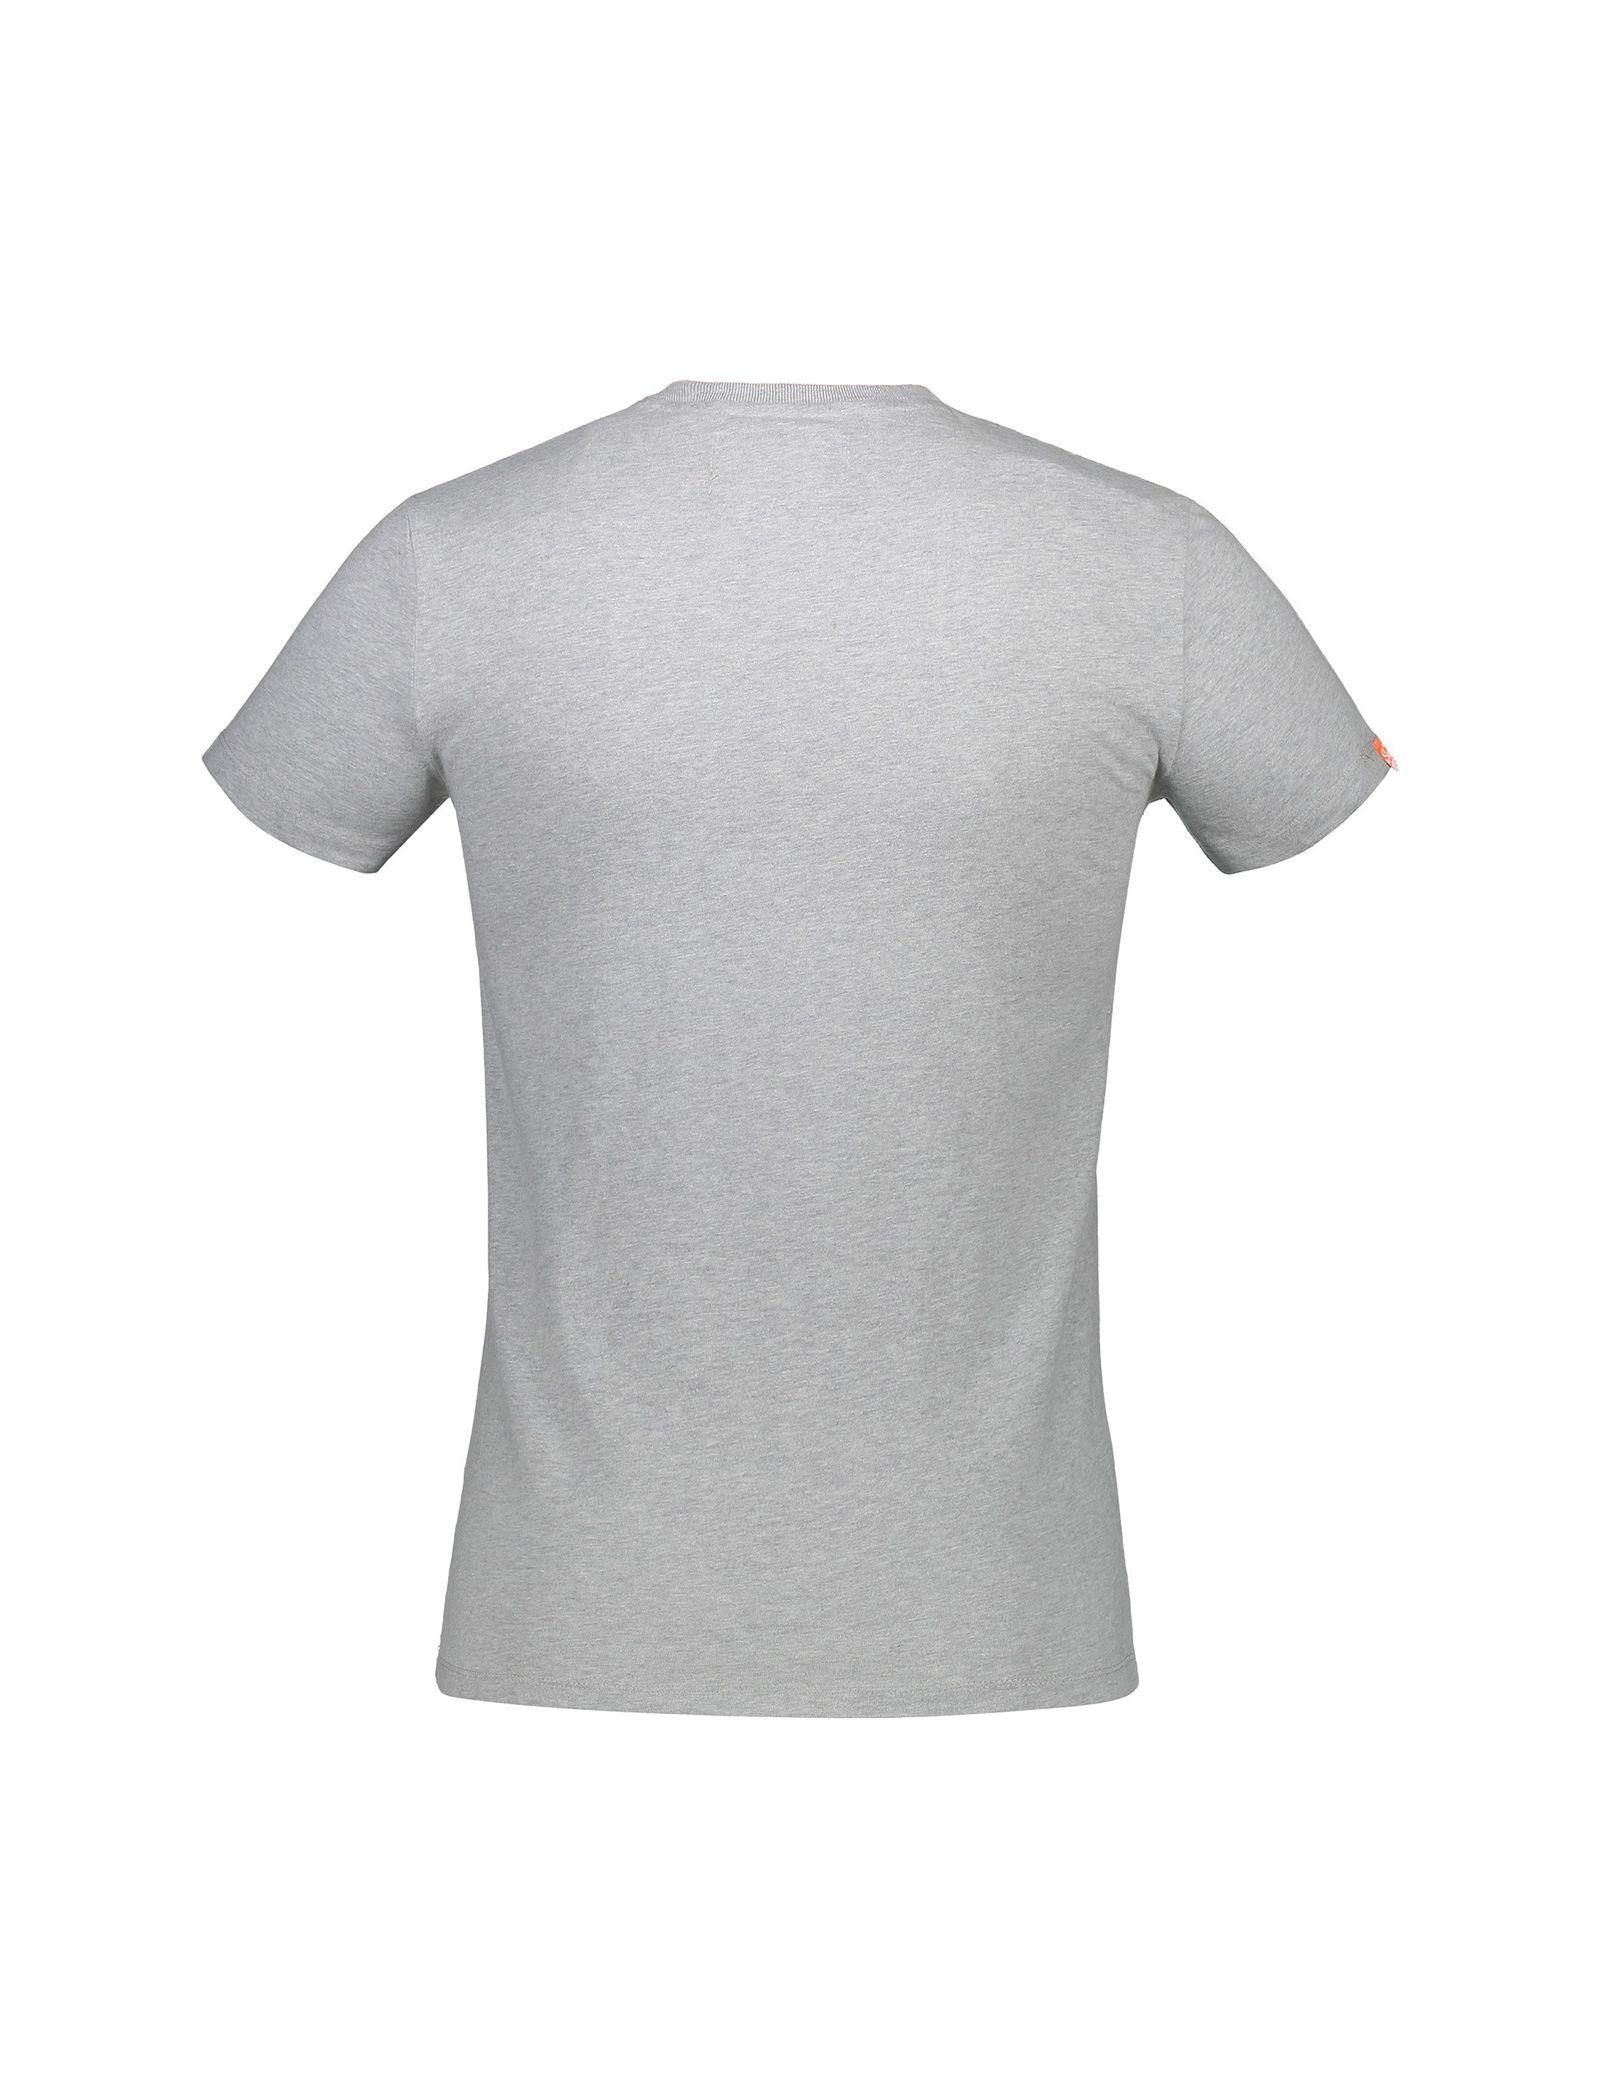 تی شرت نخی یقه گرد مردانه Orange Label Vintage Emb - سوپردرای - طوسي روشن   - 2